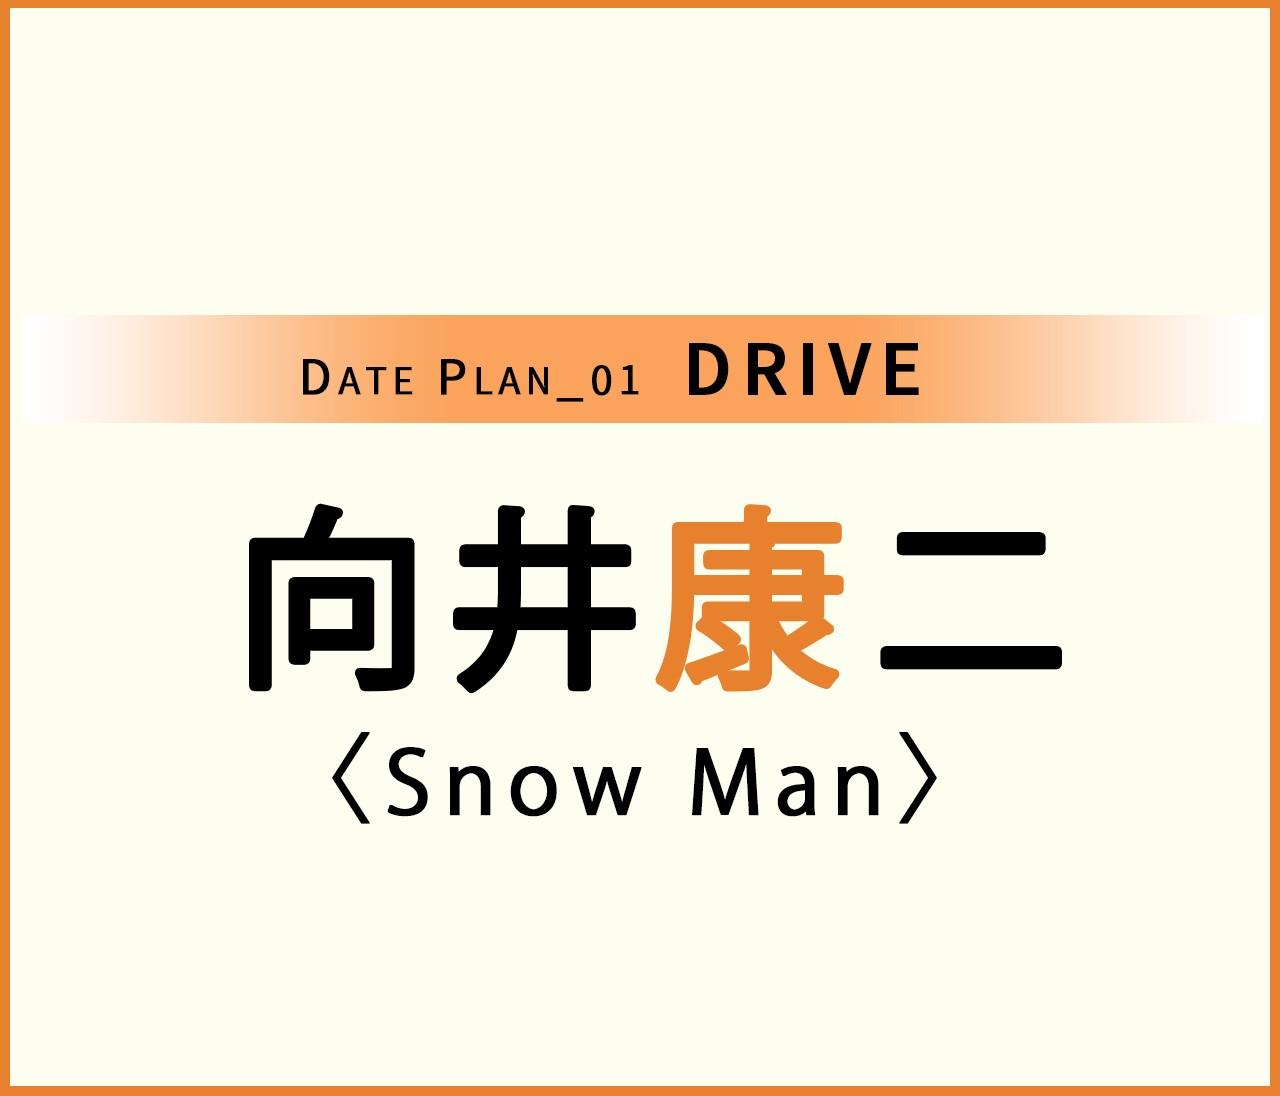 【Snow Man 向井康二くん】ドライブデートでしたいことって?